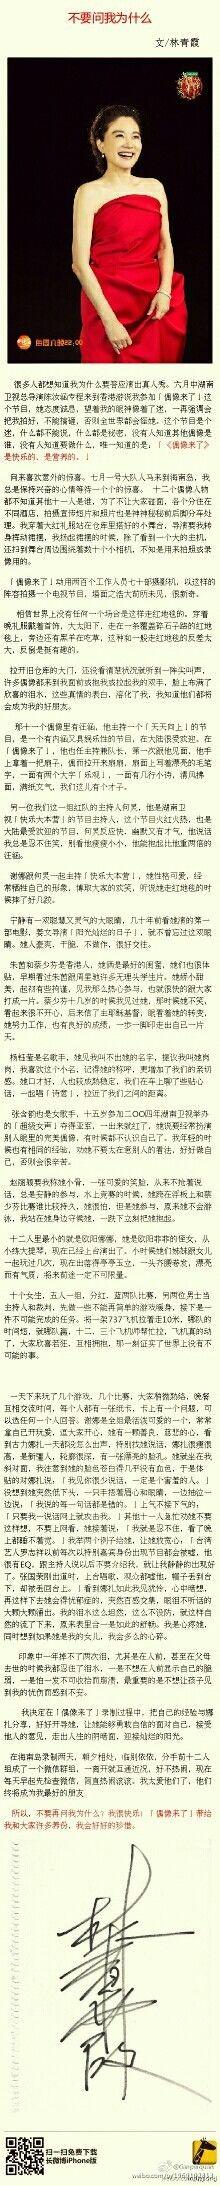 父母過世都忍著淚…林青霞自揭復出內幕「眼淚不聽話湧出」偶像來了圖翻攝自微博